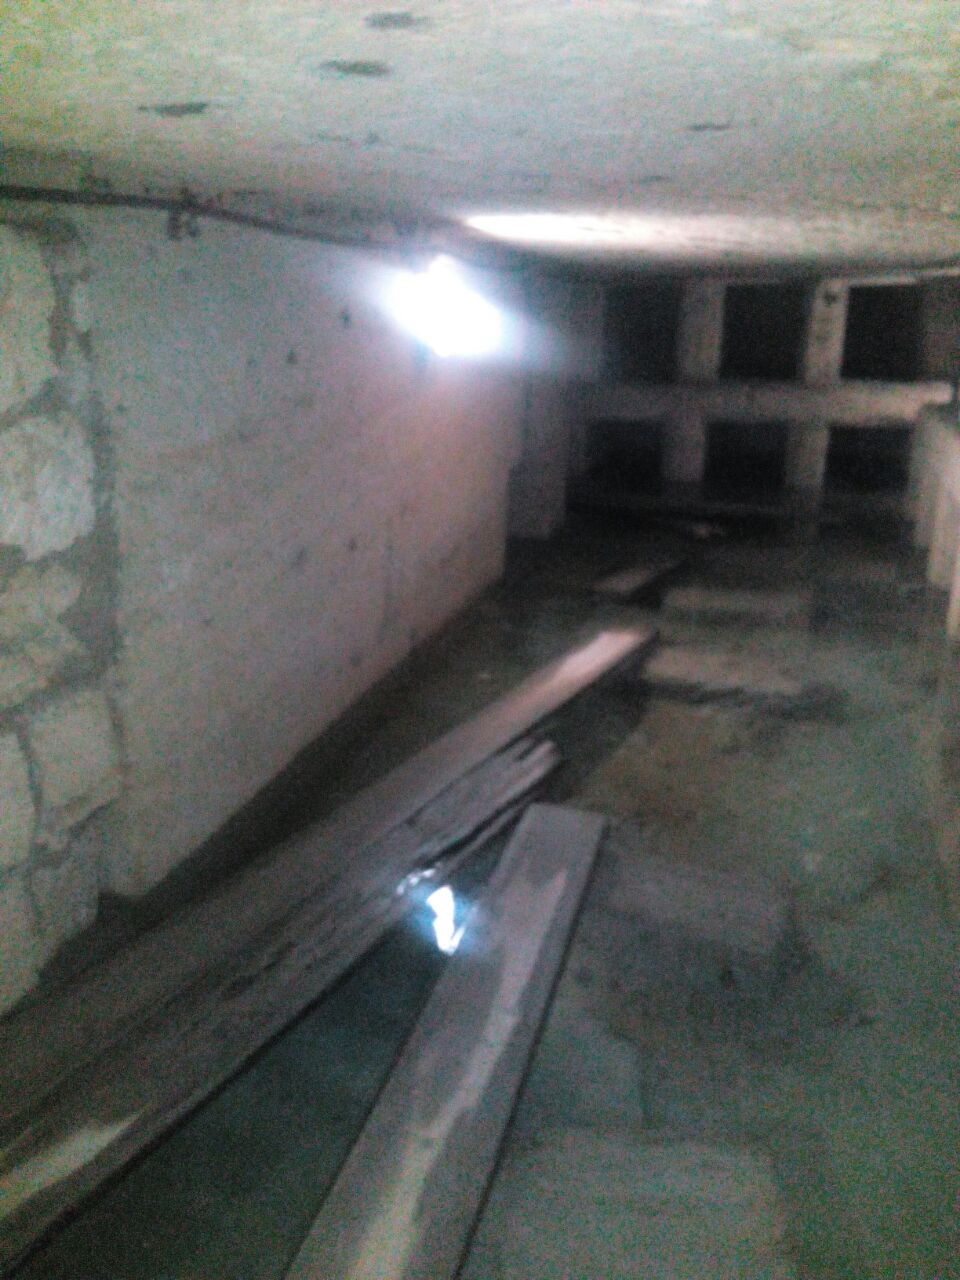 بالصور«آثار كوم الشقافة» بالإسكندرية غارقة فى المياه الجوفية فى غياب المسئولين